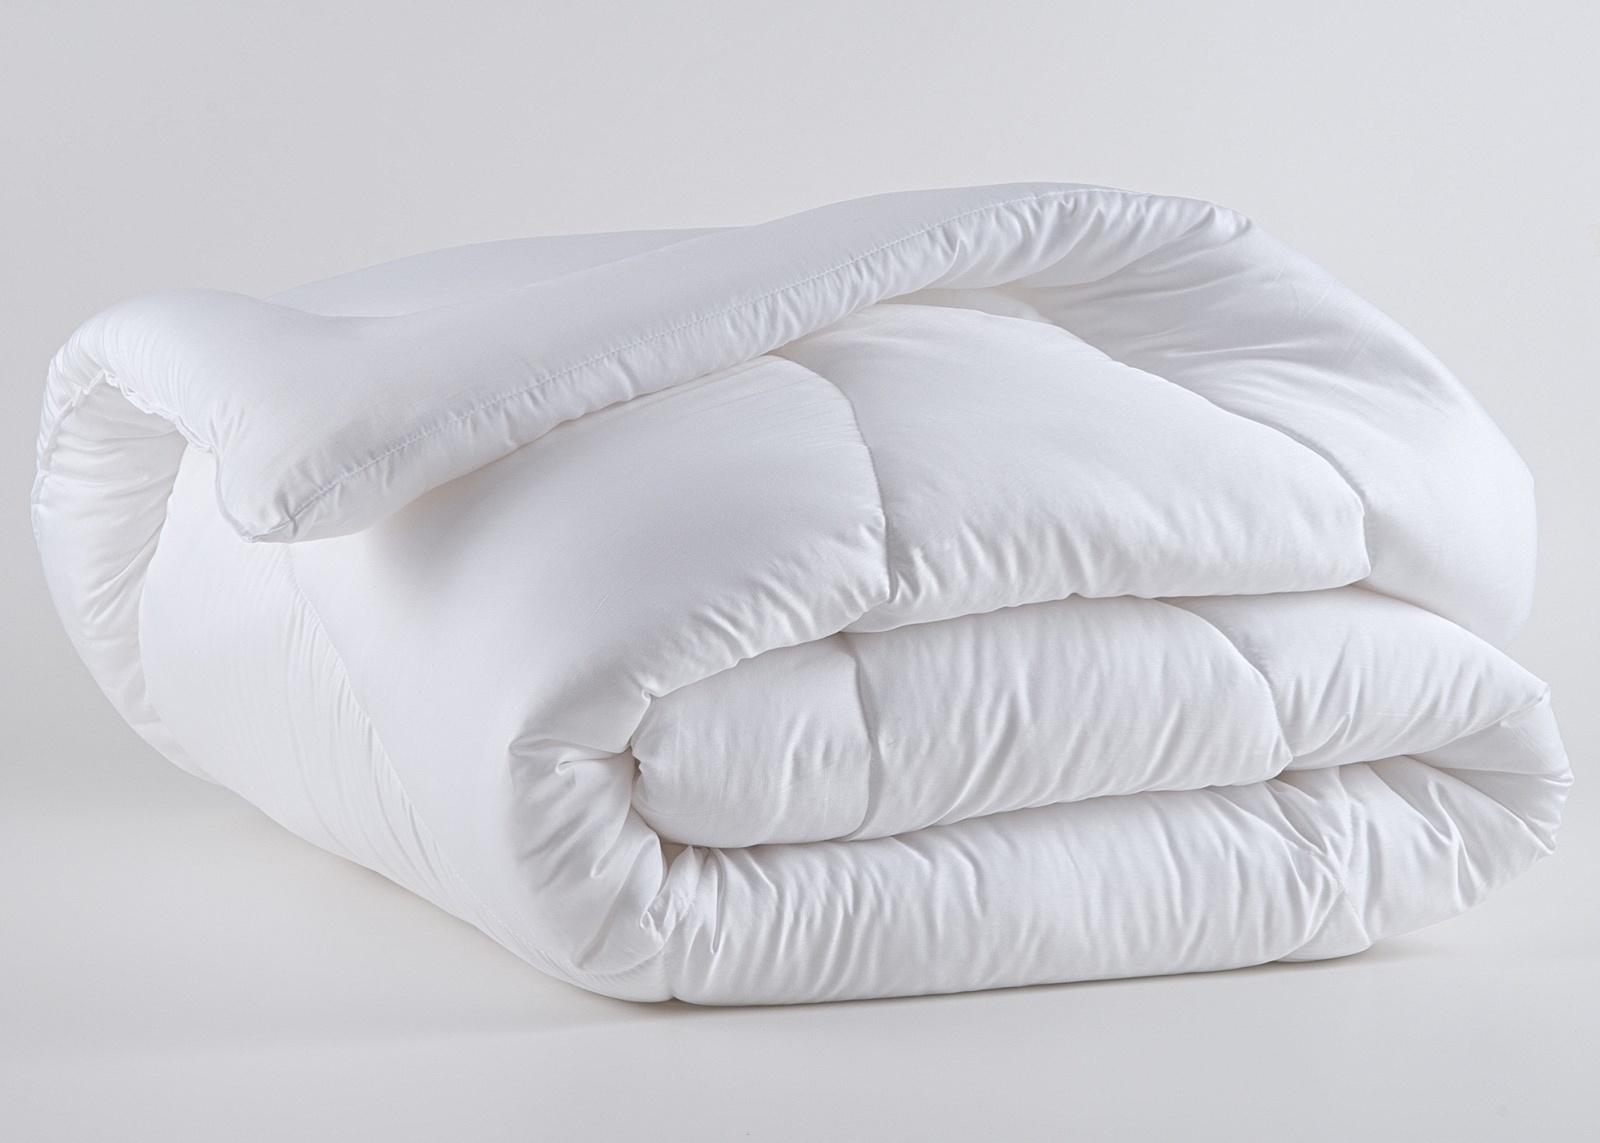 Básico, o edredom padrão casal é feito de algodão egípcio, com enchimento em poliéster. O item está à venda no Mundo do Enxoval (www.mundodoenxoval.com.br) | Consulte o fornecedor para outras informações